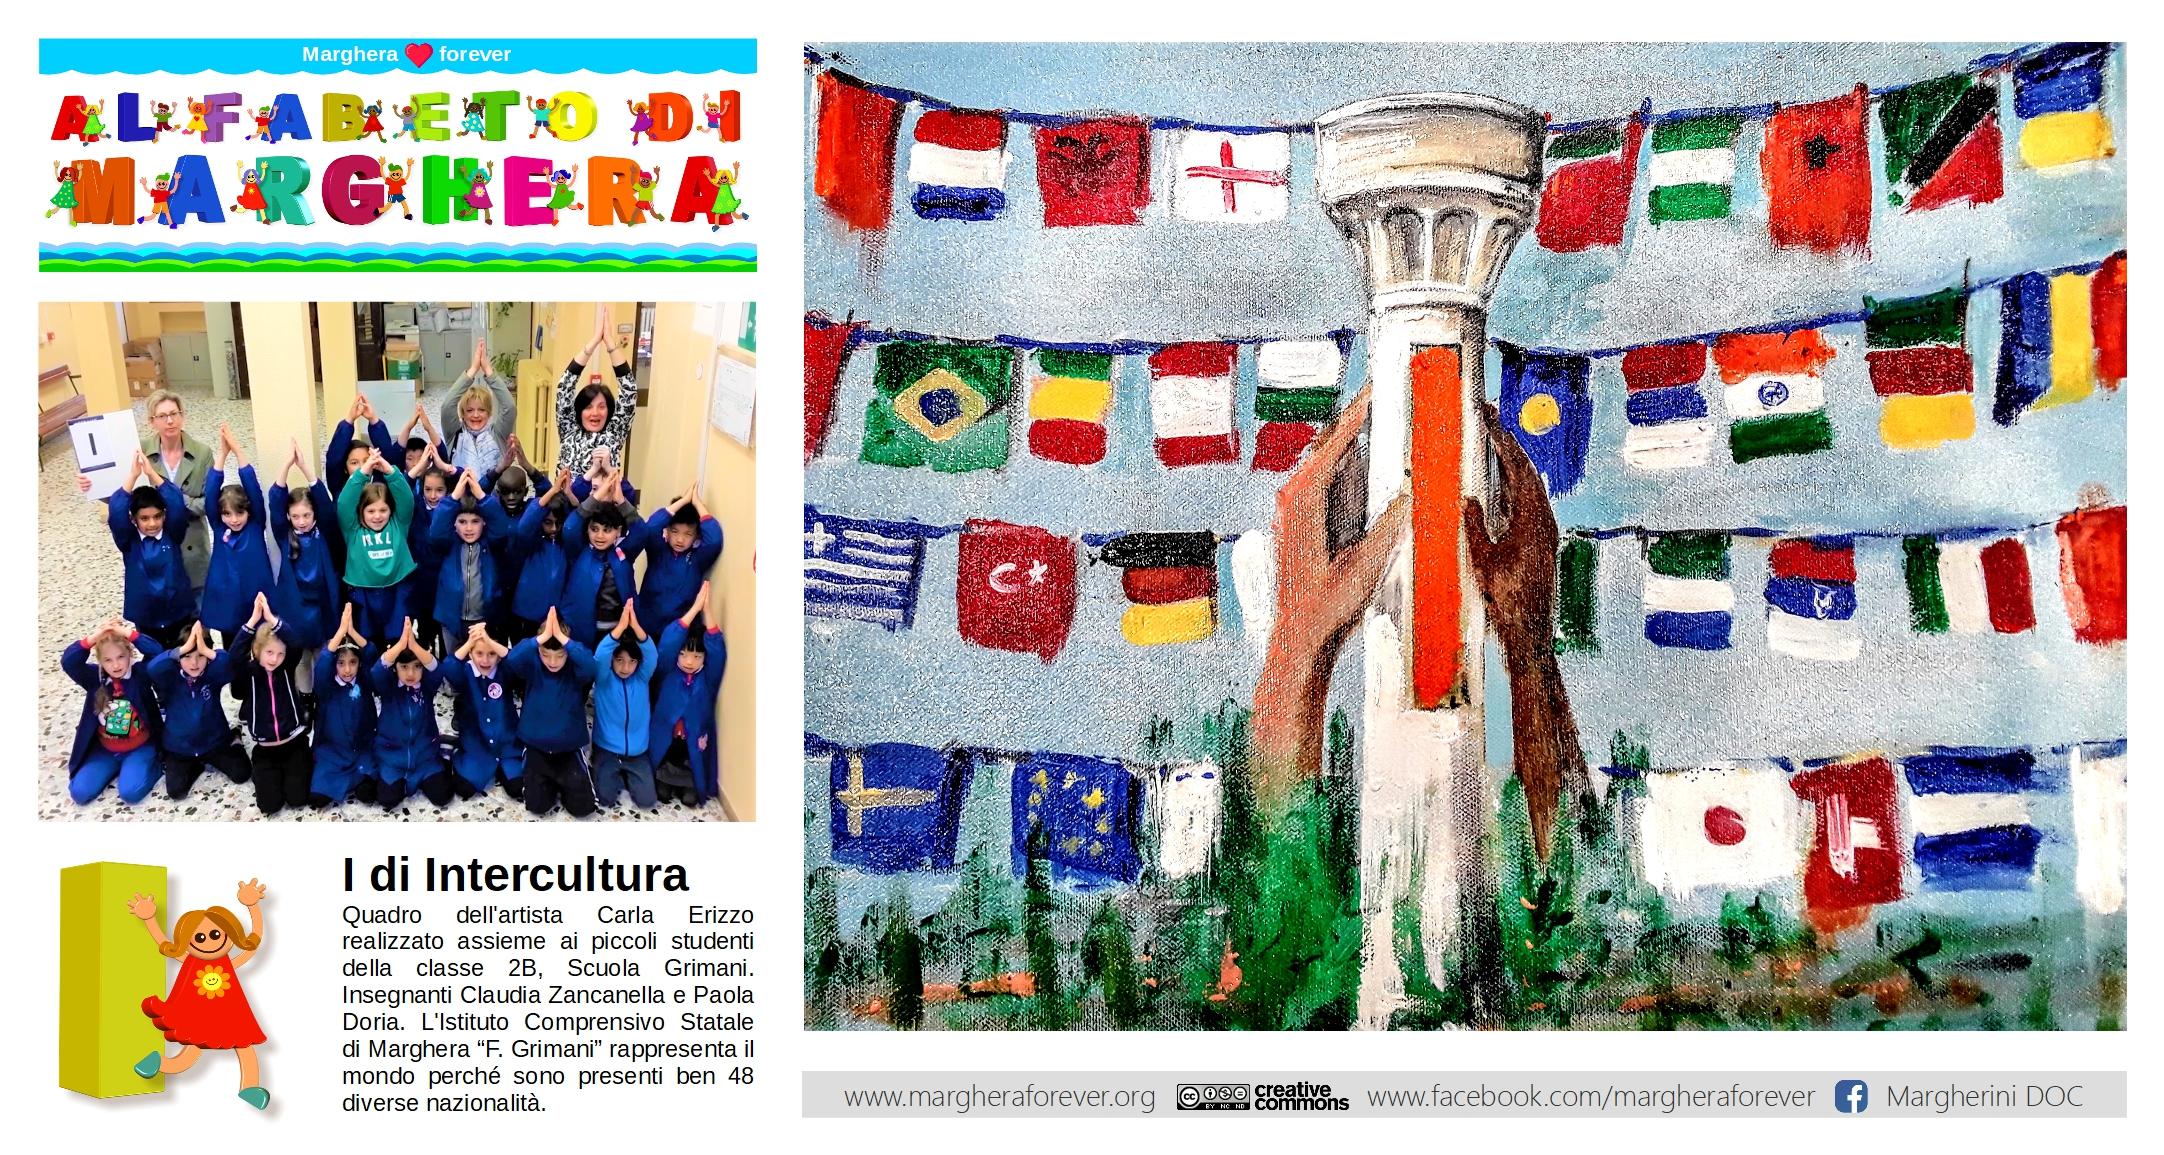 I di Intercultura di Carla Erizzo - ALFABETO DI MARGHERA per lo Sviluppo Sostenibile - Comitato Marghera forever - Istituto Comprensivo Grimani.jpg